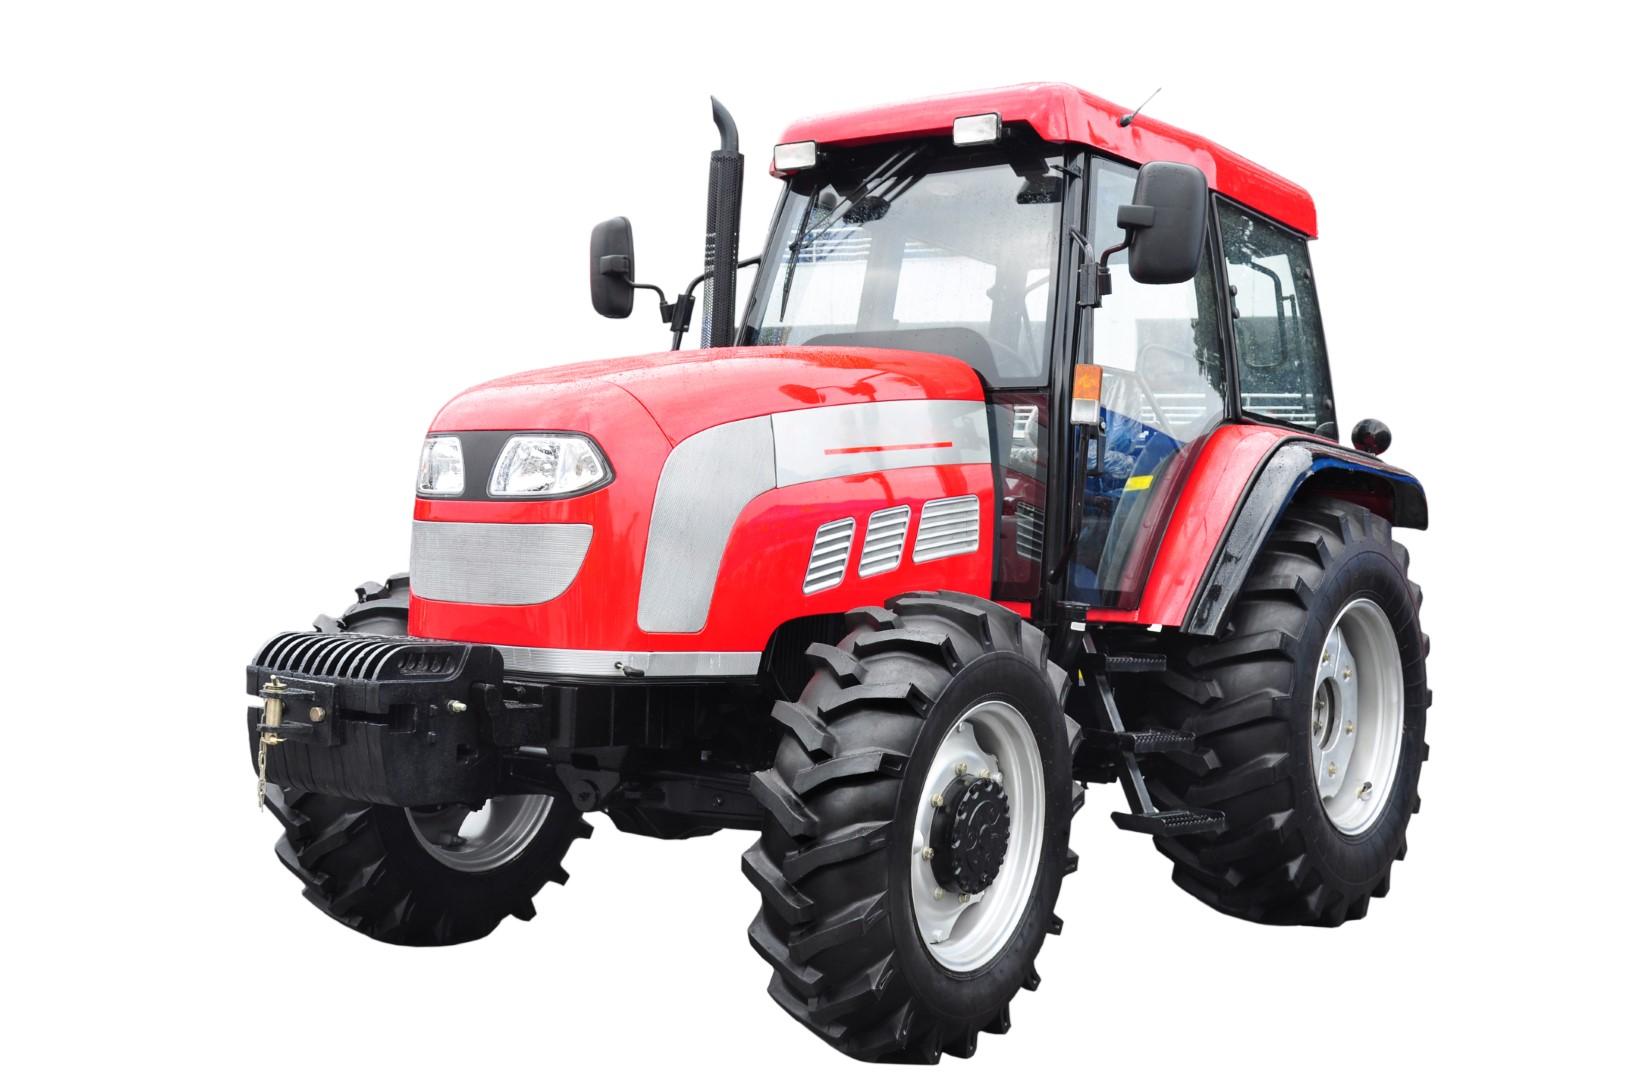 Trator e máquinas agrícolas são carteira da categoria C: Saiba os veículos que você pode dirigir, como obter, manter e renovar cada uma das categorias da CNH, desde a A até a E, passando pela ACC.